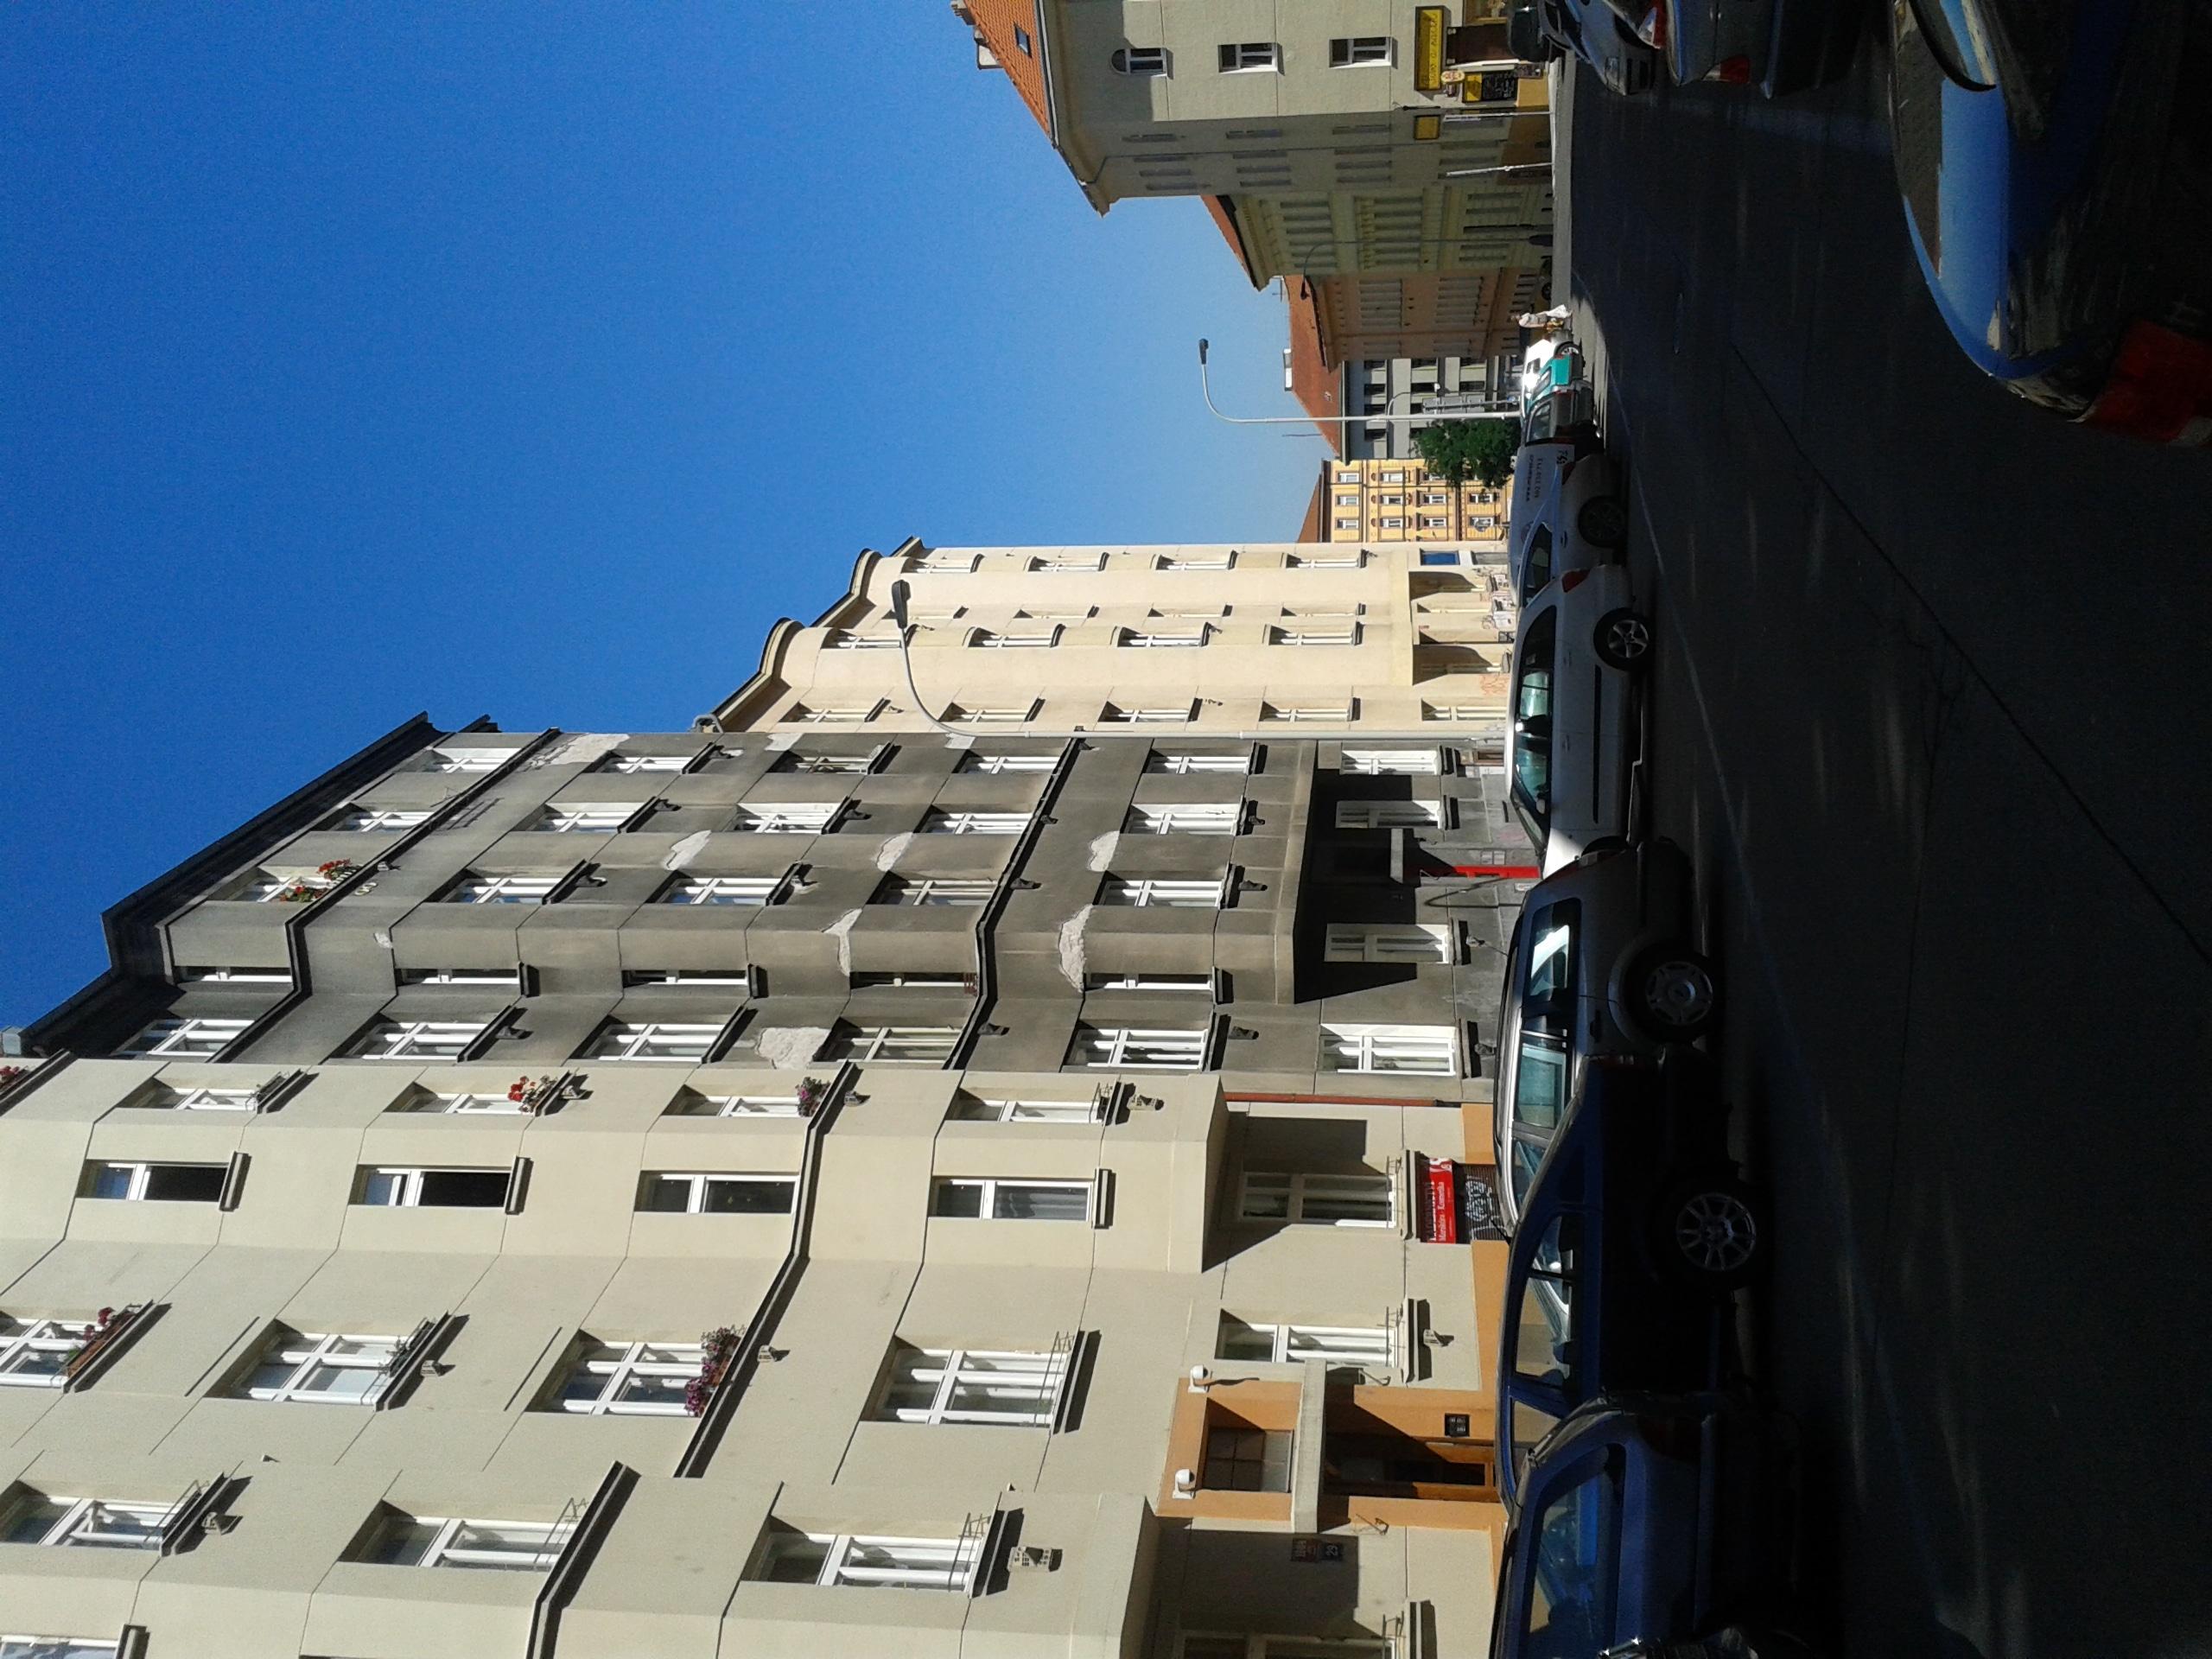 למכירה דירת 2 חדרים בשכונת ז'יז'קוב בפראג11 (20)